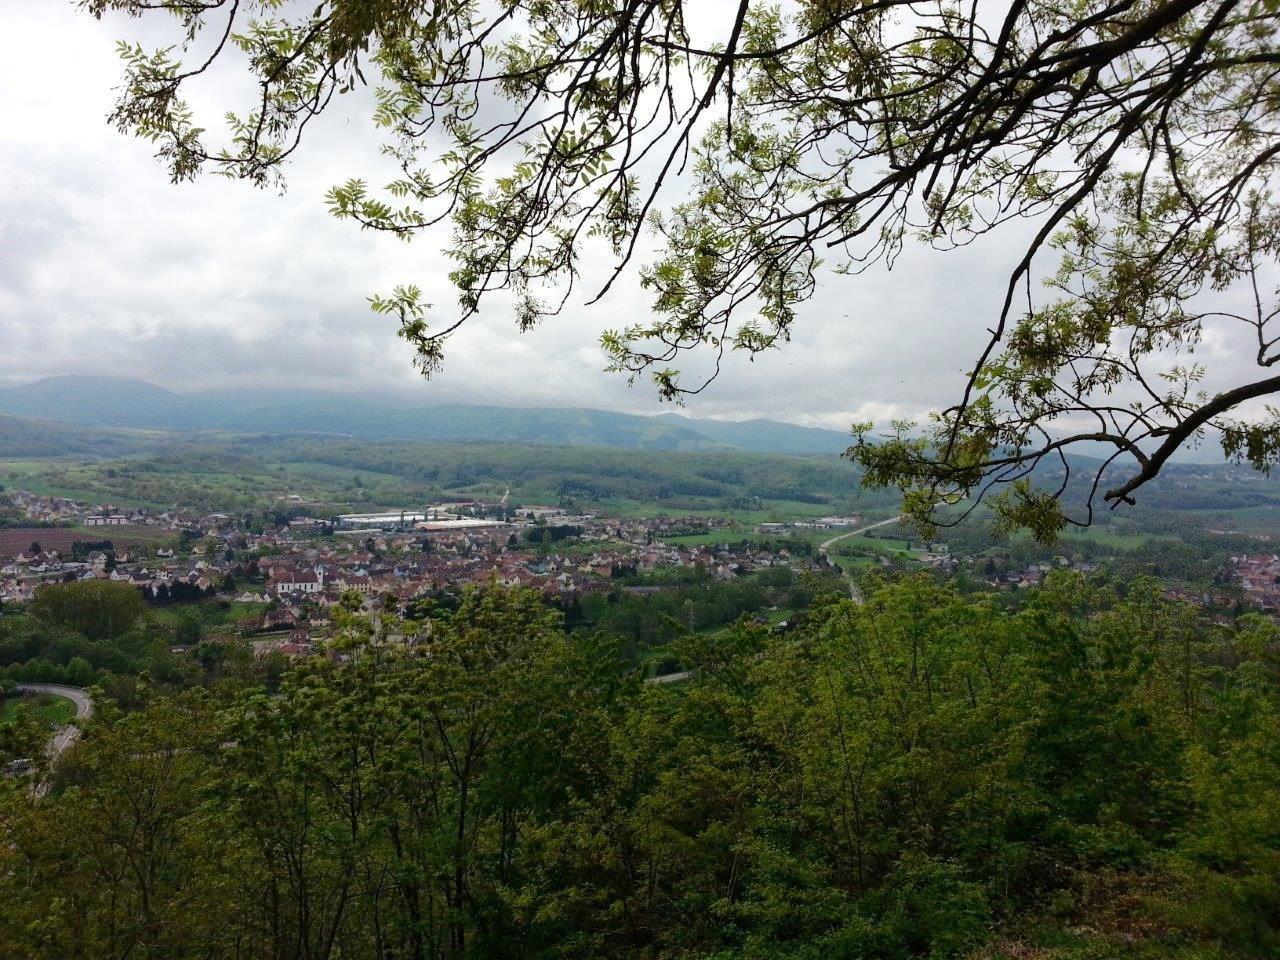 Dimanche 10 mai - Sur les traces d'un géant, le fort de Mutzig, en itinéraire découverte